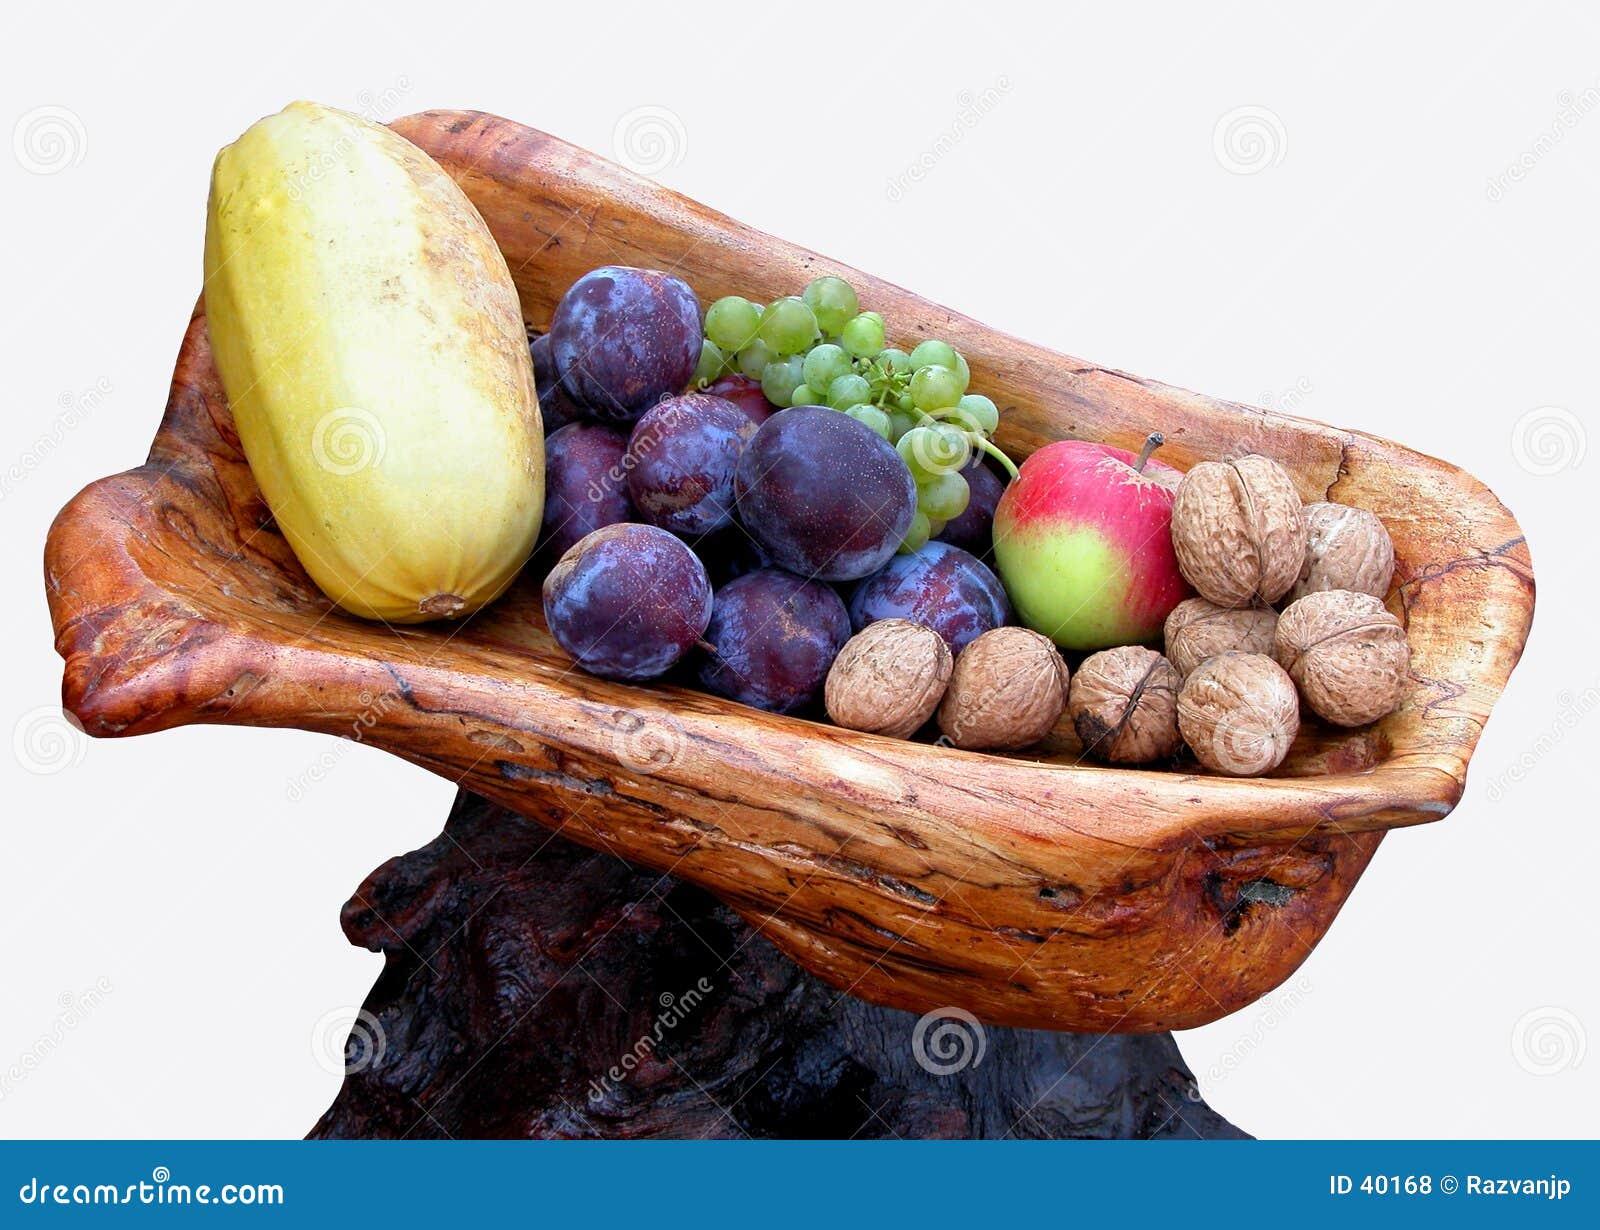 Download Herbst Trägt Anordnung Früchte Stockfoto - Bild von herbst, foto: 40168